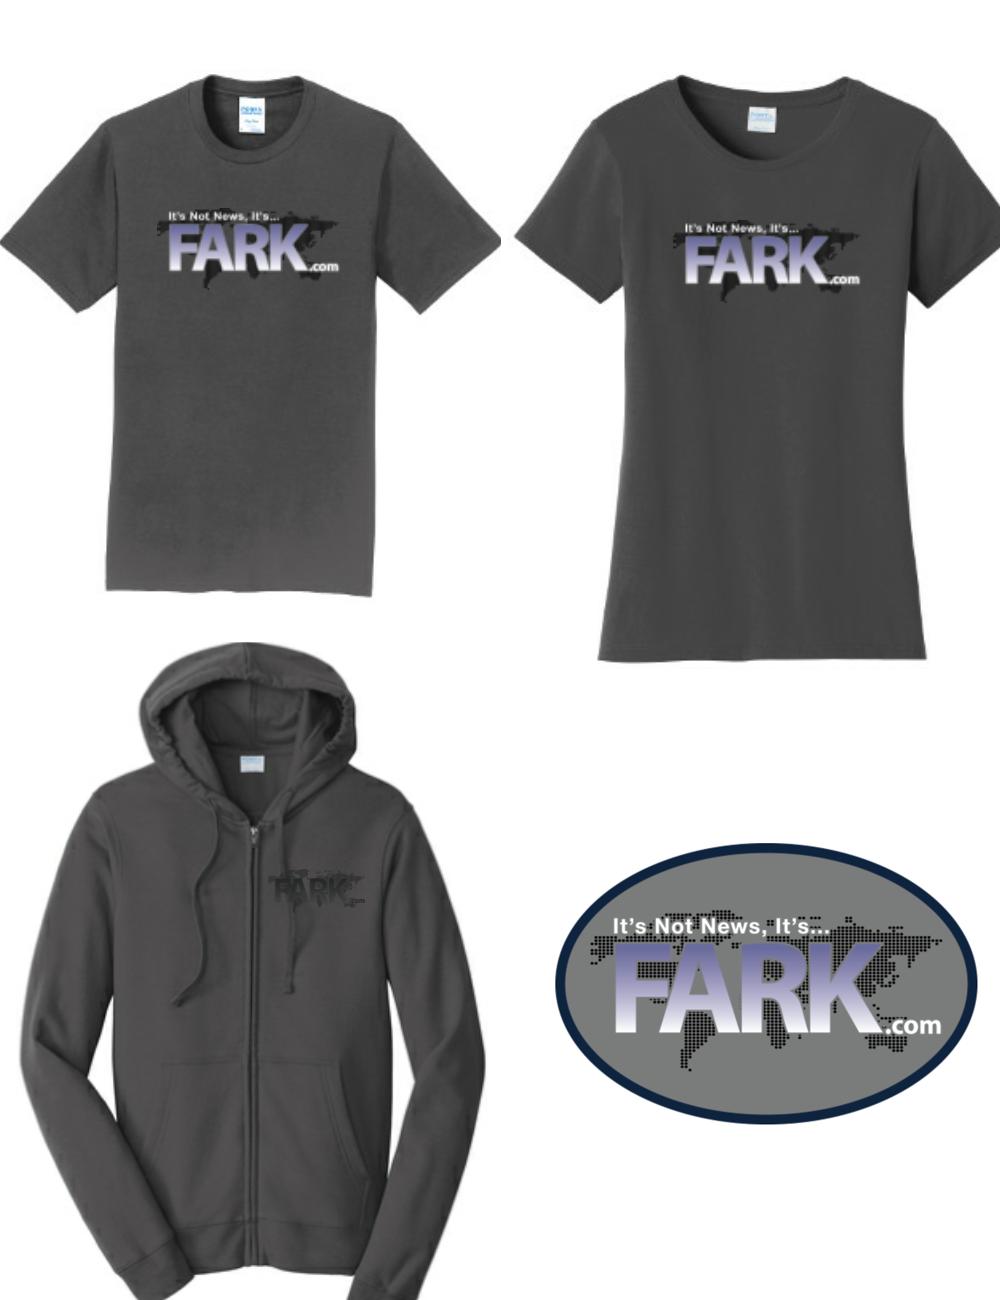 Fark shop images